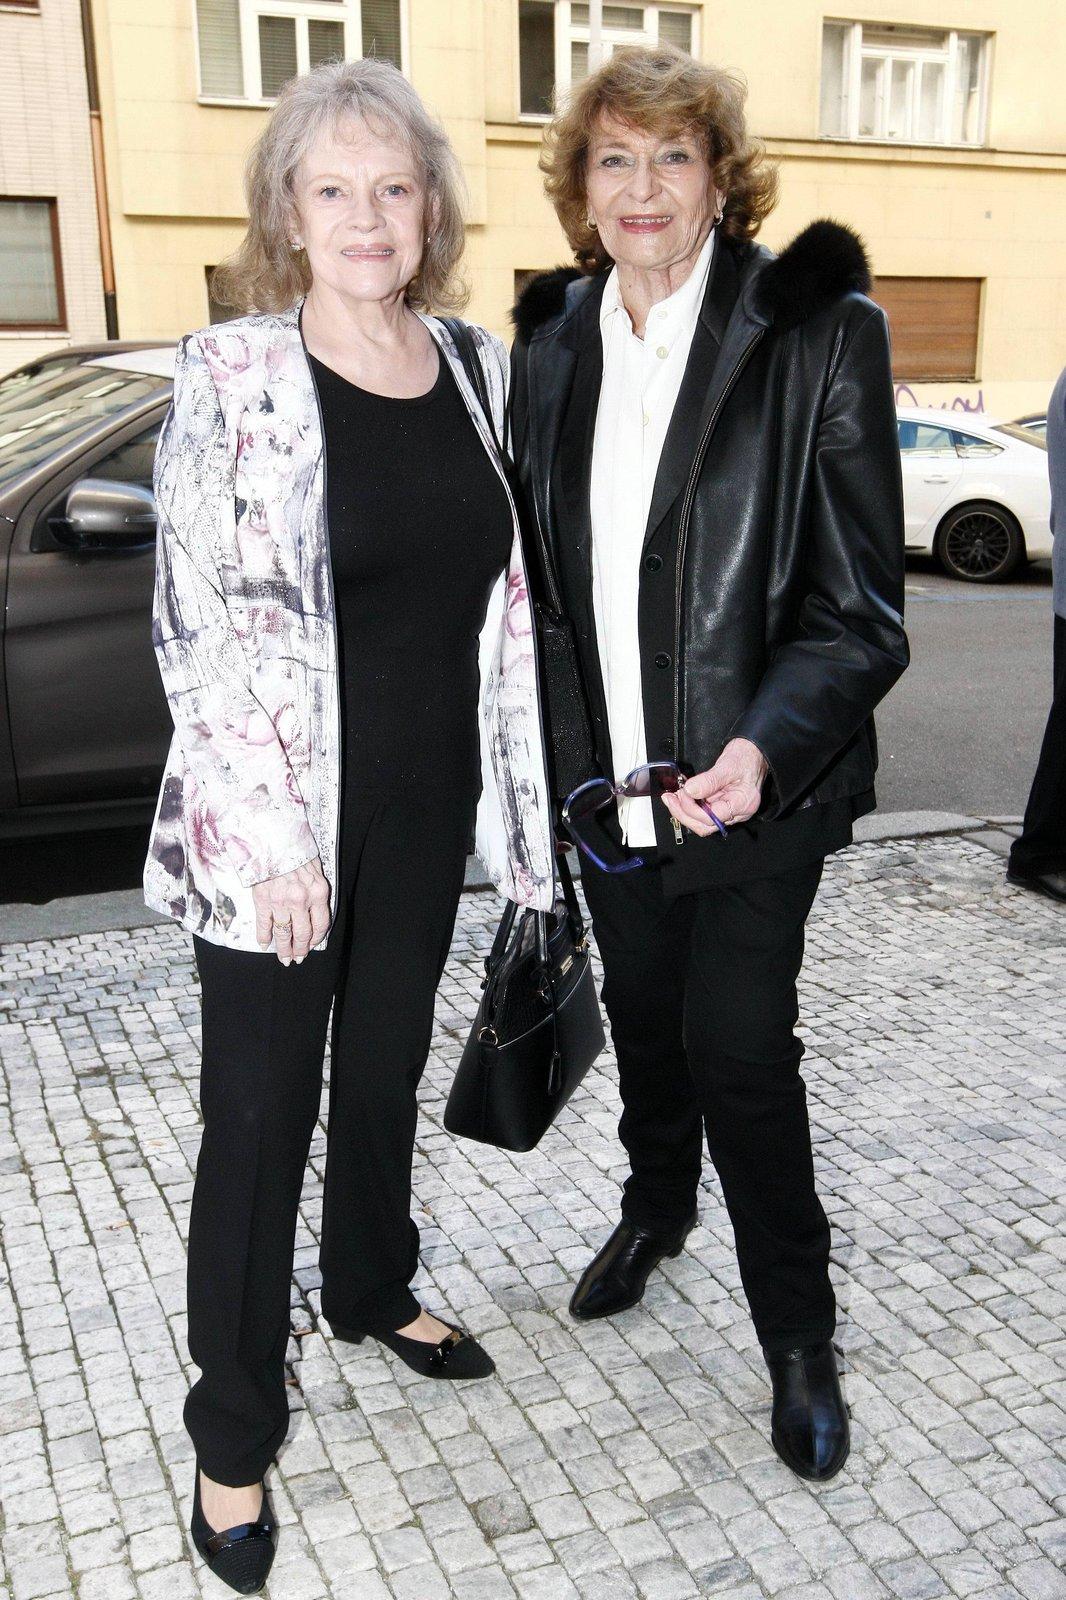 Yvetta Simonová brzy oslaví 89. narozeniny. Když se v roce 1961 poprvé setkala s Evou Pilarovou, která přišla do Prahy z Brna, okamžitě ji vzala pod svá ochranná křídla. Přátelí se spolu dodnes.